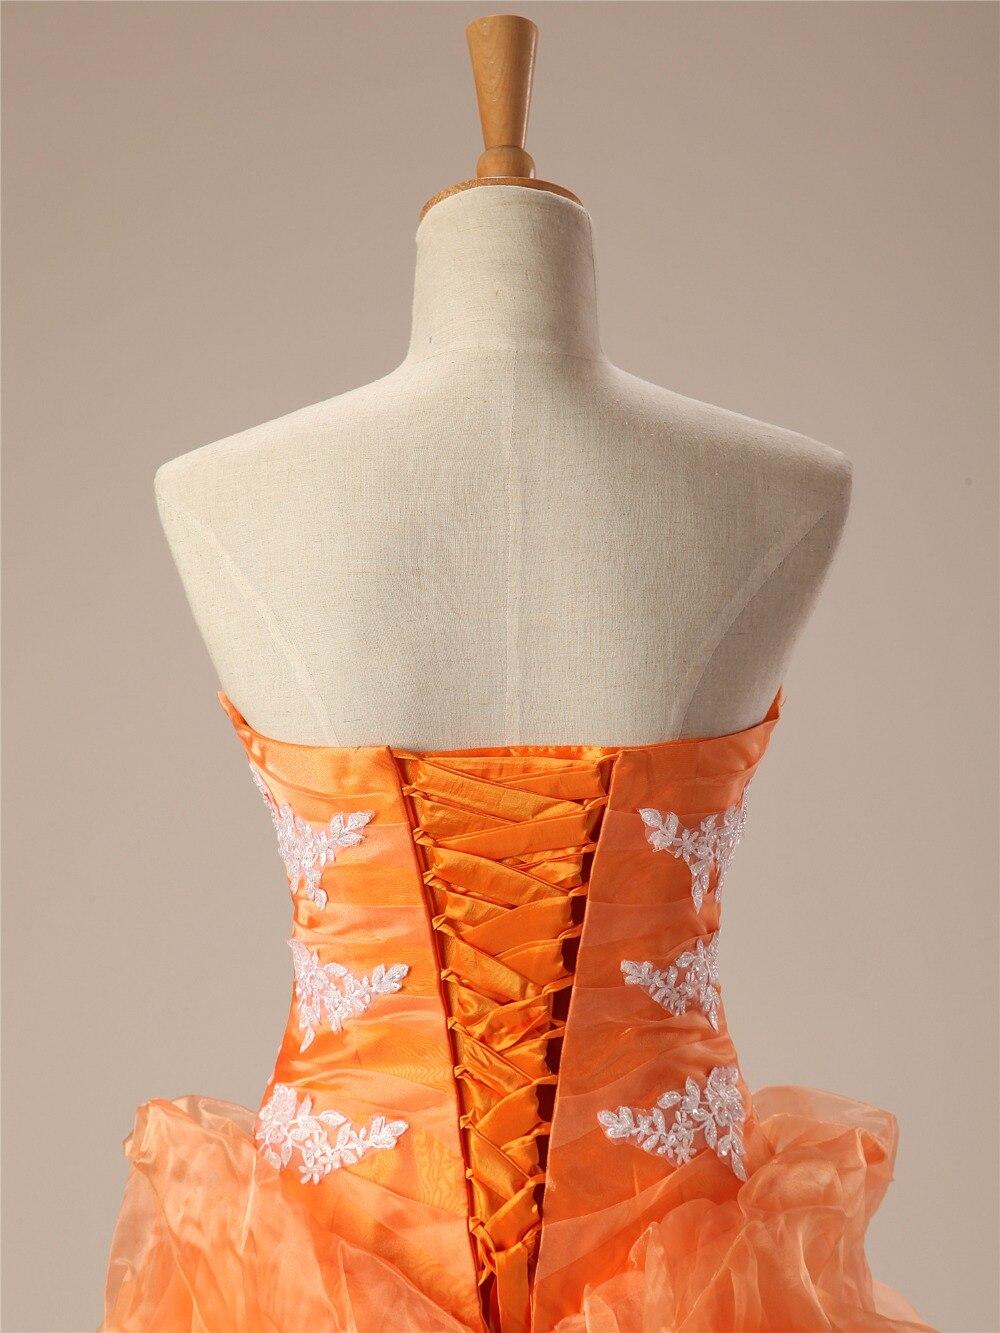 Cheap Quinceanera Dresses Orange Sweetheart Appliques Lace Vestidos De 15 Anos Ball Gown Sweet 16 Dresses Debutante Gown - 5